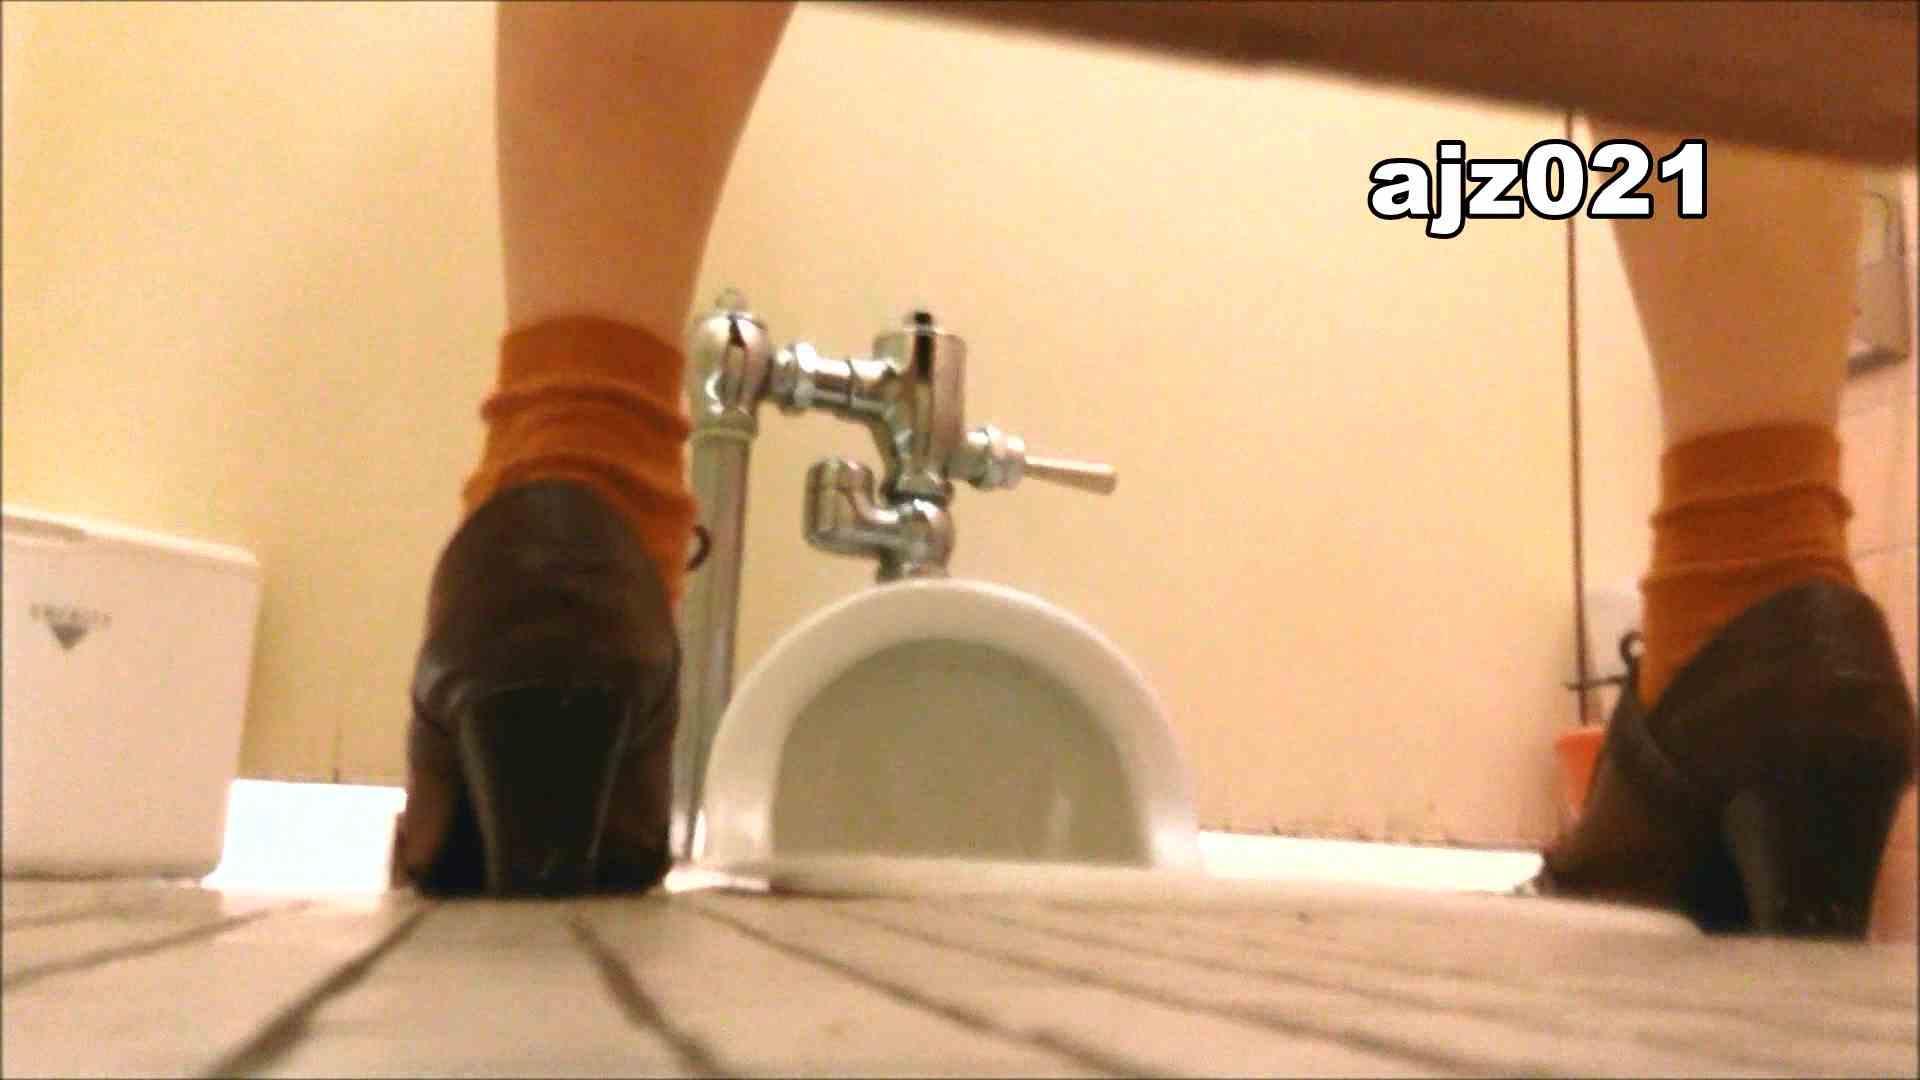 某有名大学女性洗面所 vol.21 和式トイレ すけべAV動画紹介 91pic 3